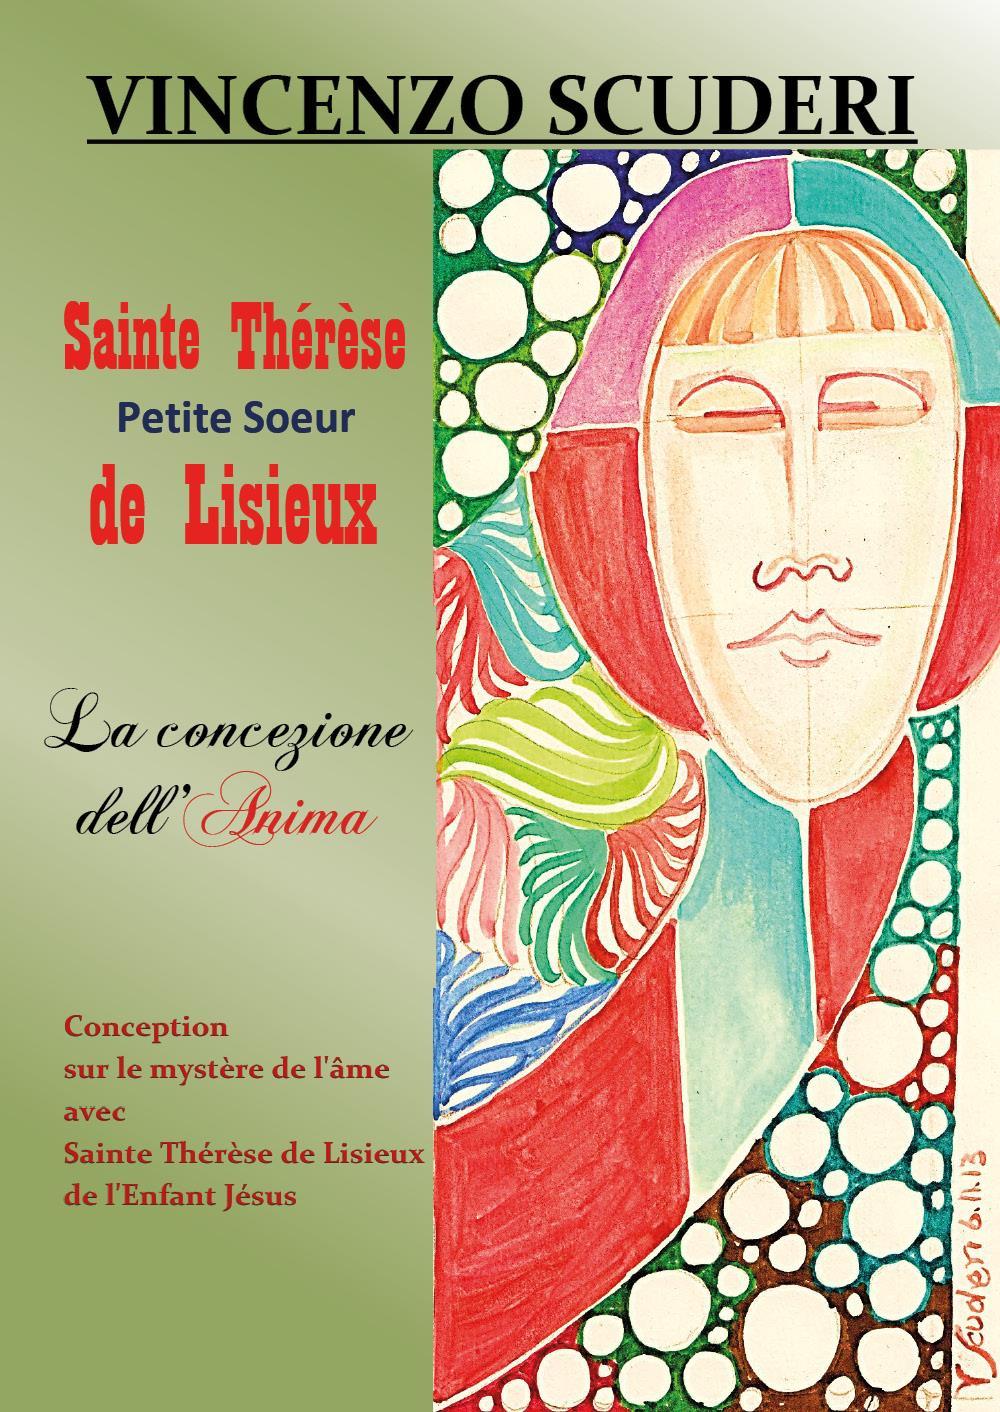 Sainte Thérèse, Petite Soeur de Lisieux. La Concezione dell'Anima